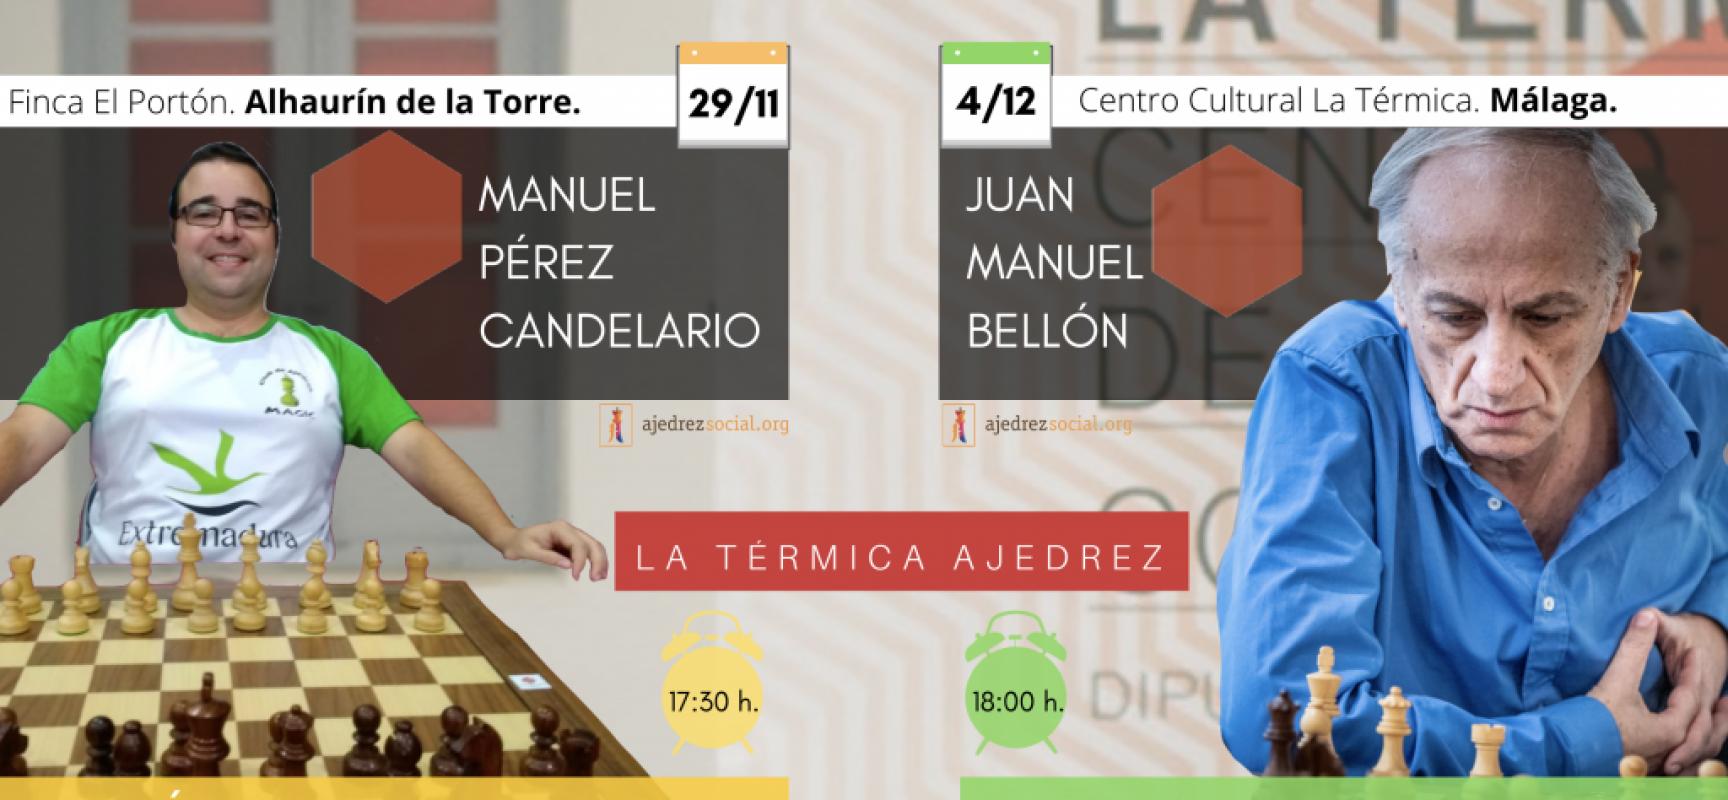 Ciclos La Térmica Ajedrez, con Manuel Pérez Candelario  (29/11) y Juan Manuel Bellón (4/12)